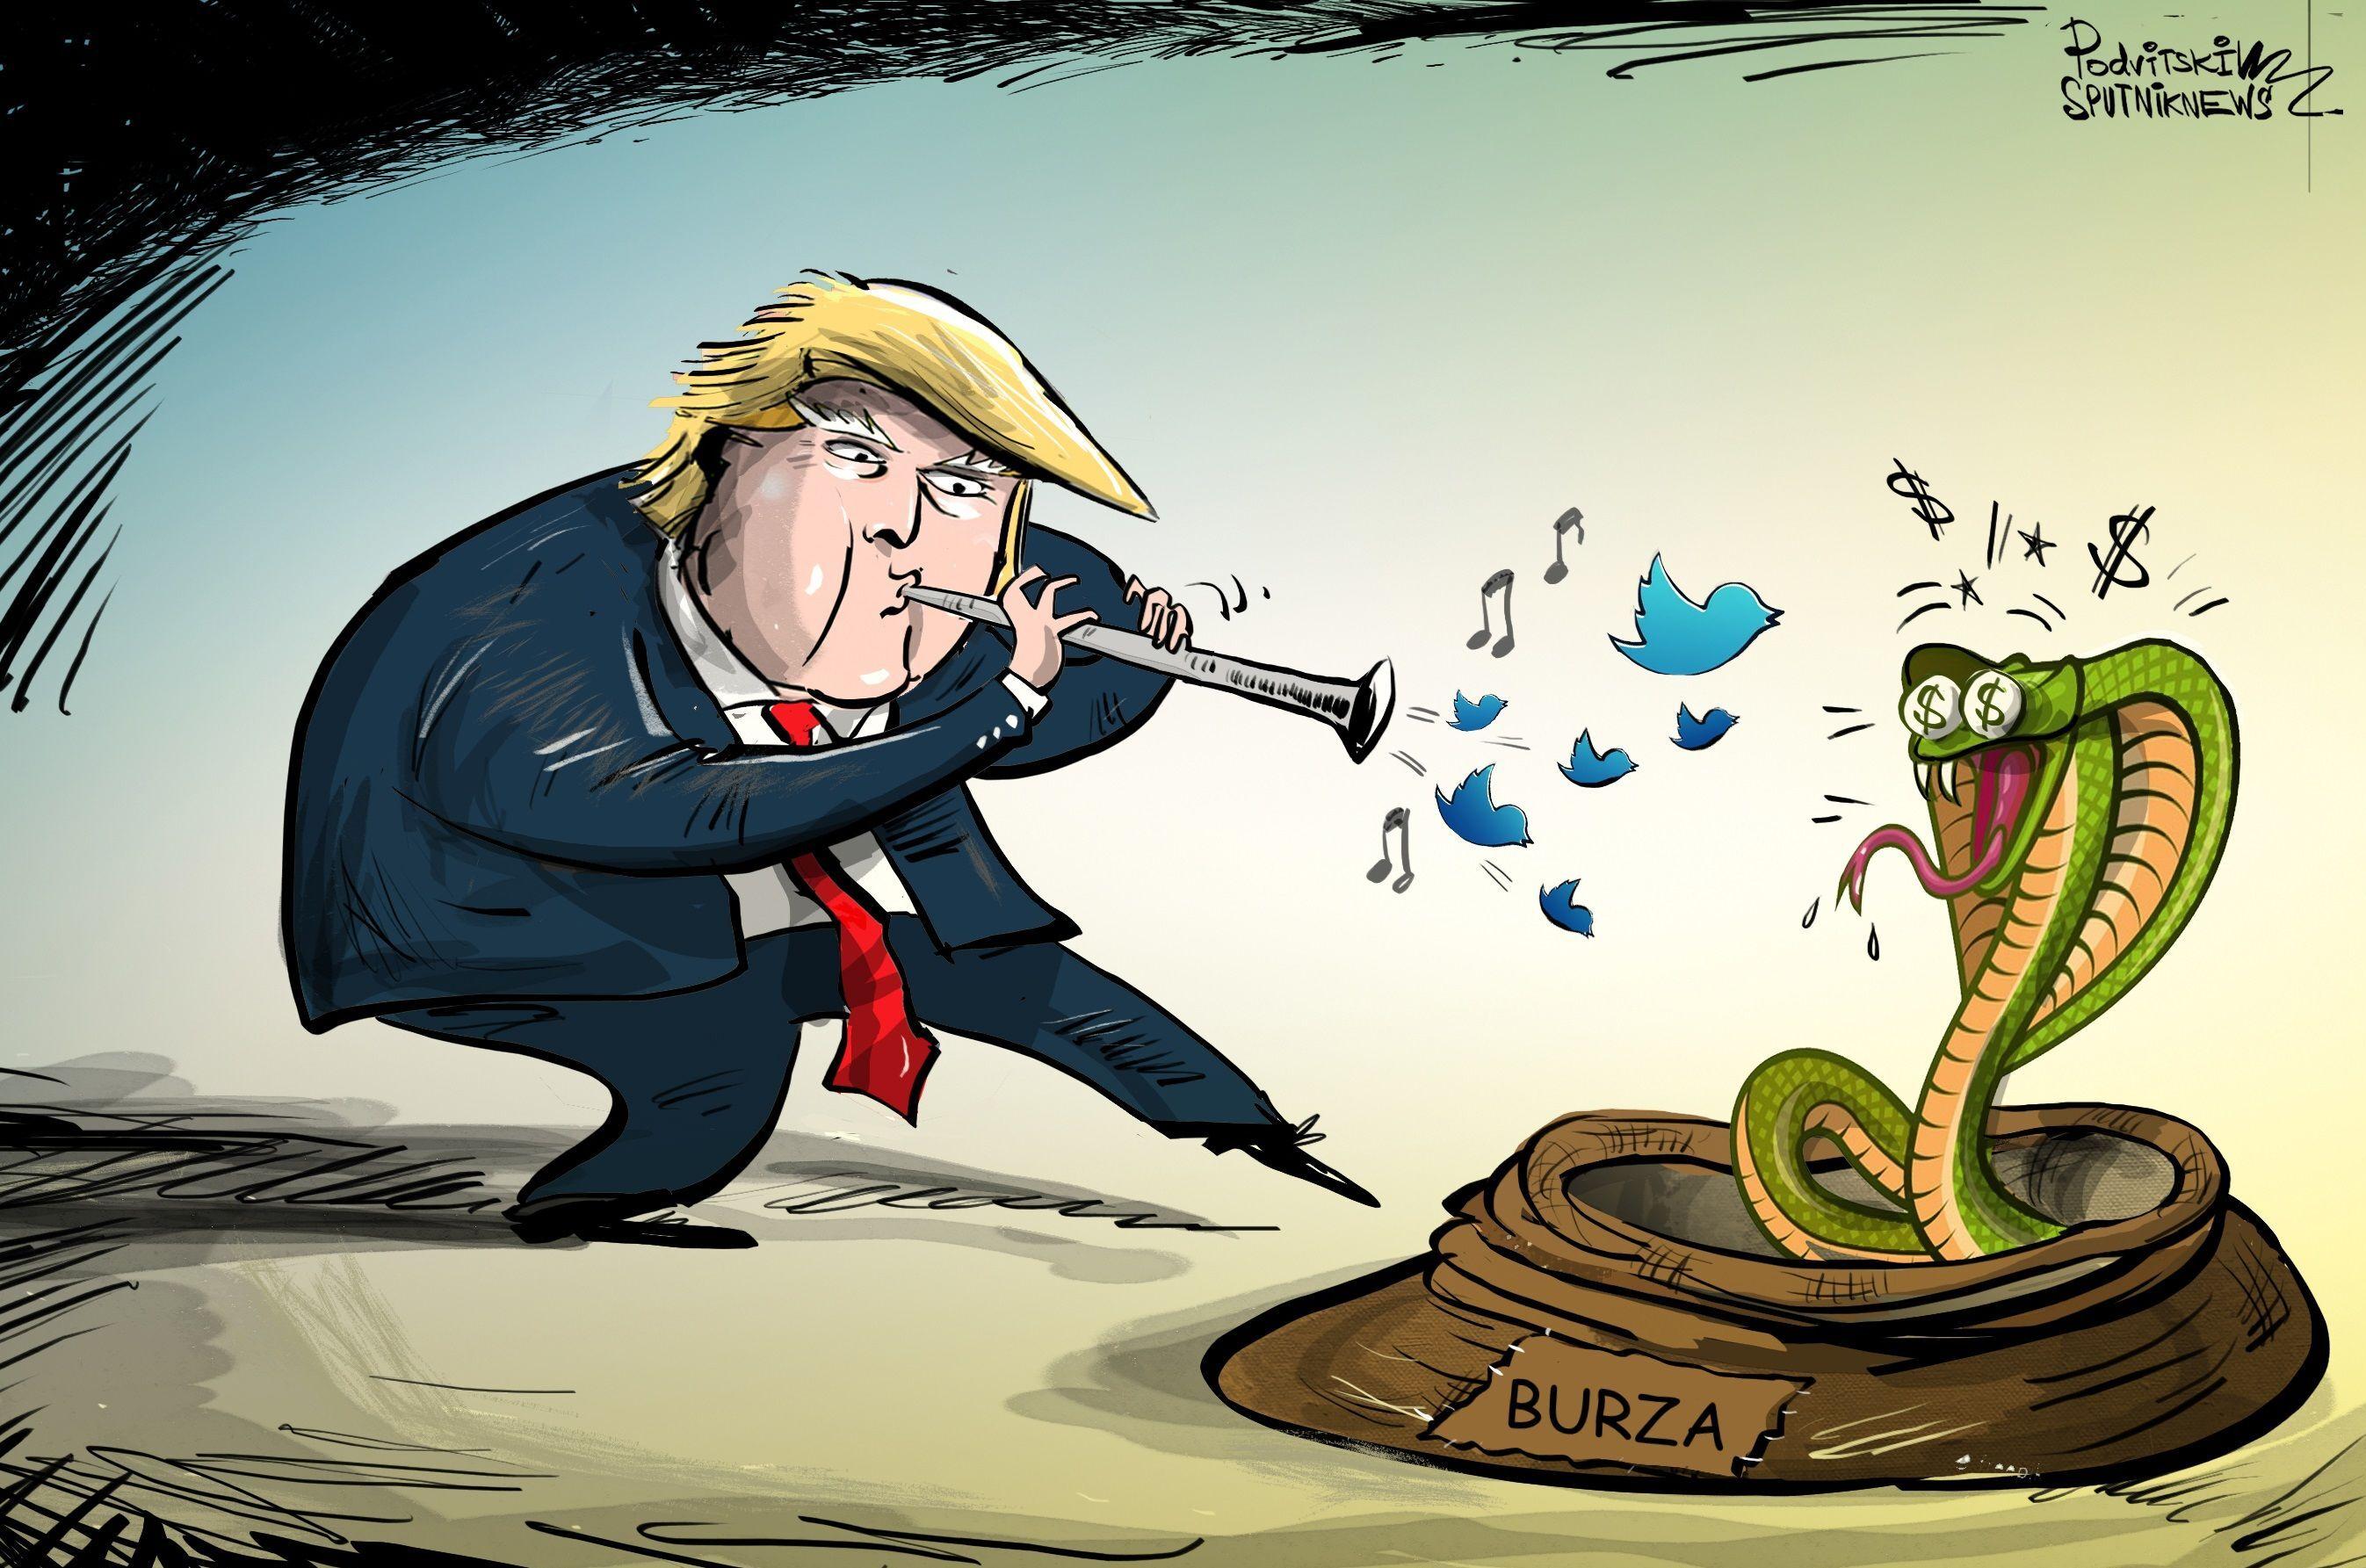 Trumpova slova plodně ovlivňují burzu